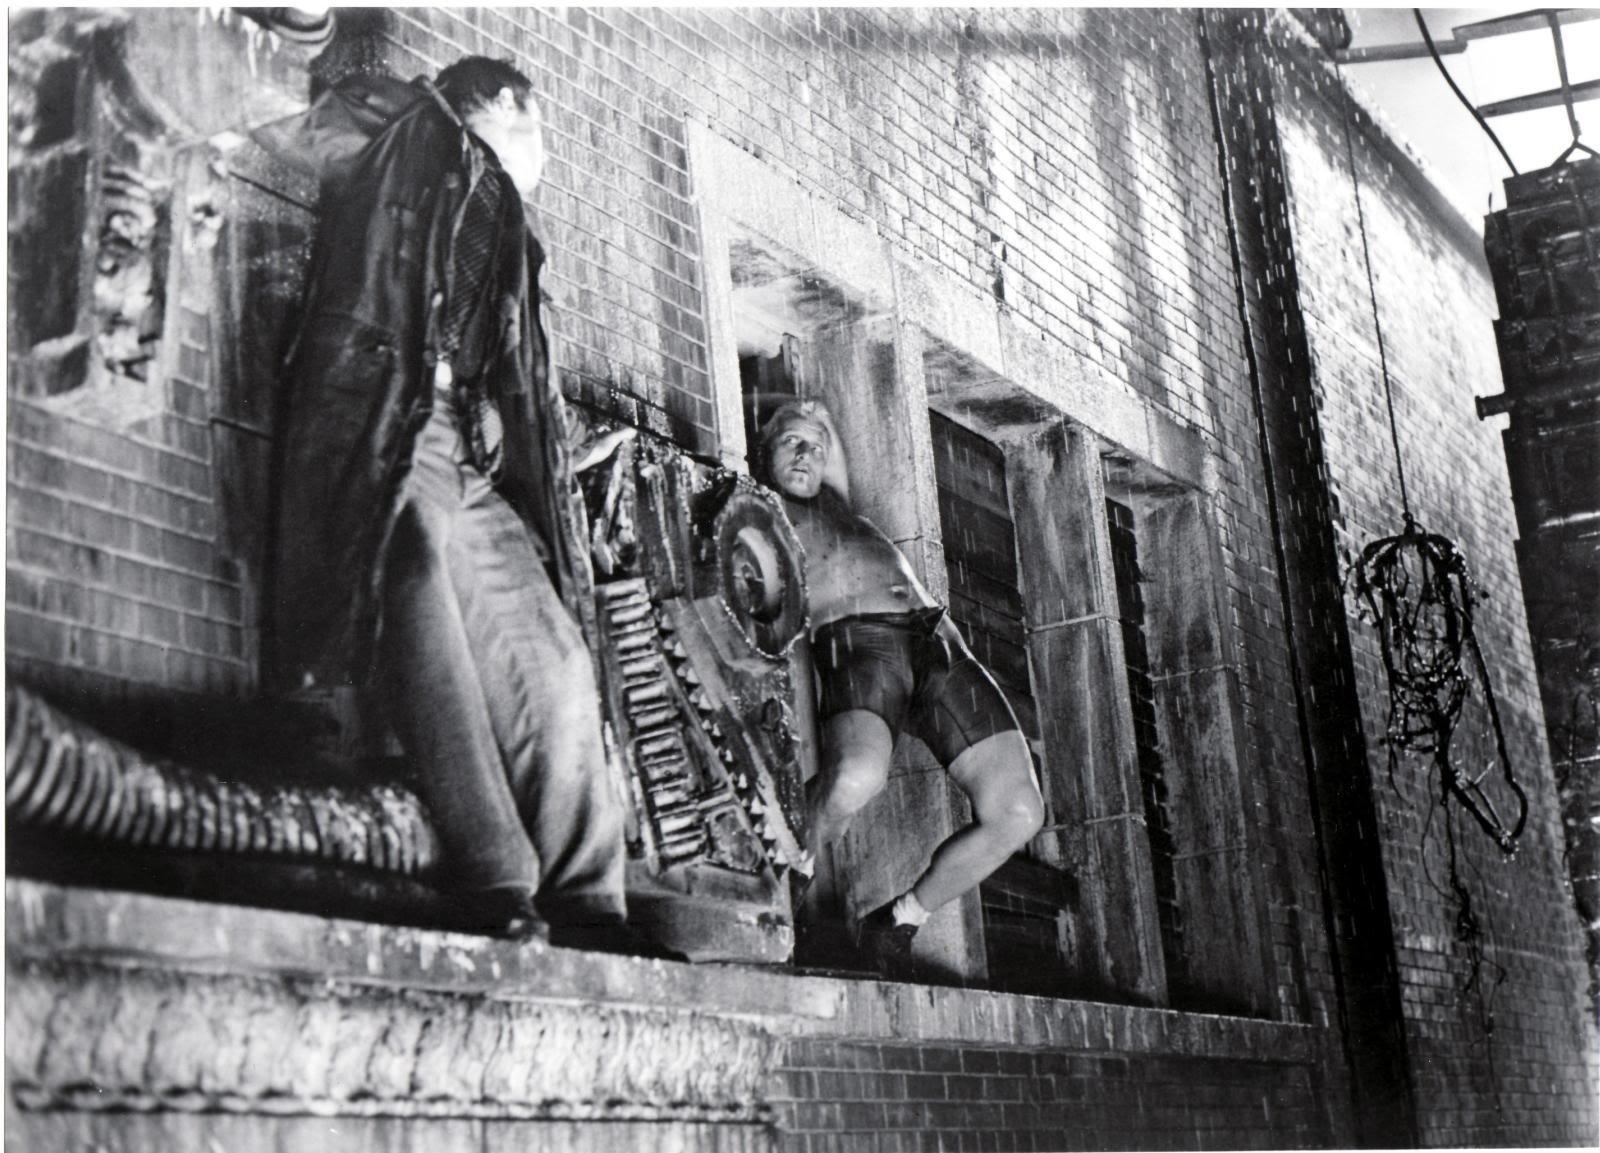 ブレードランナーのデッカートとバッティの戦う壁紙